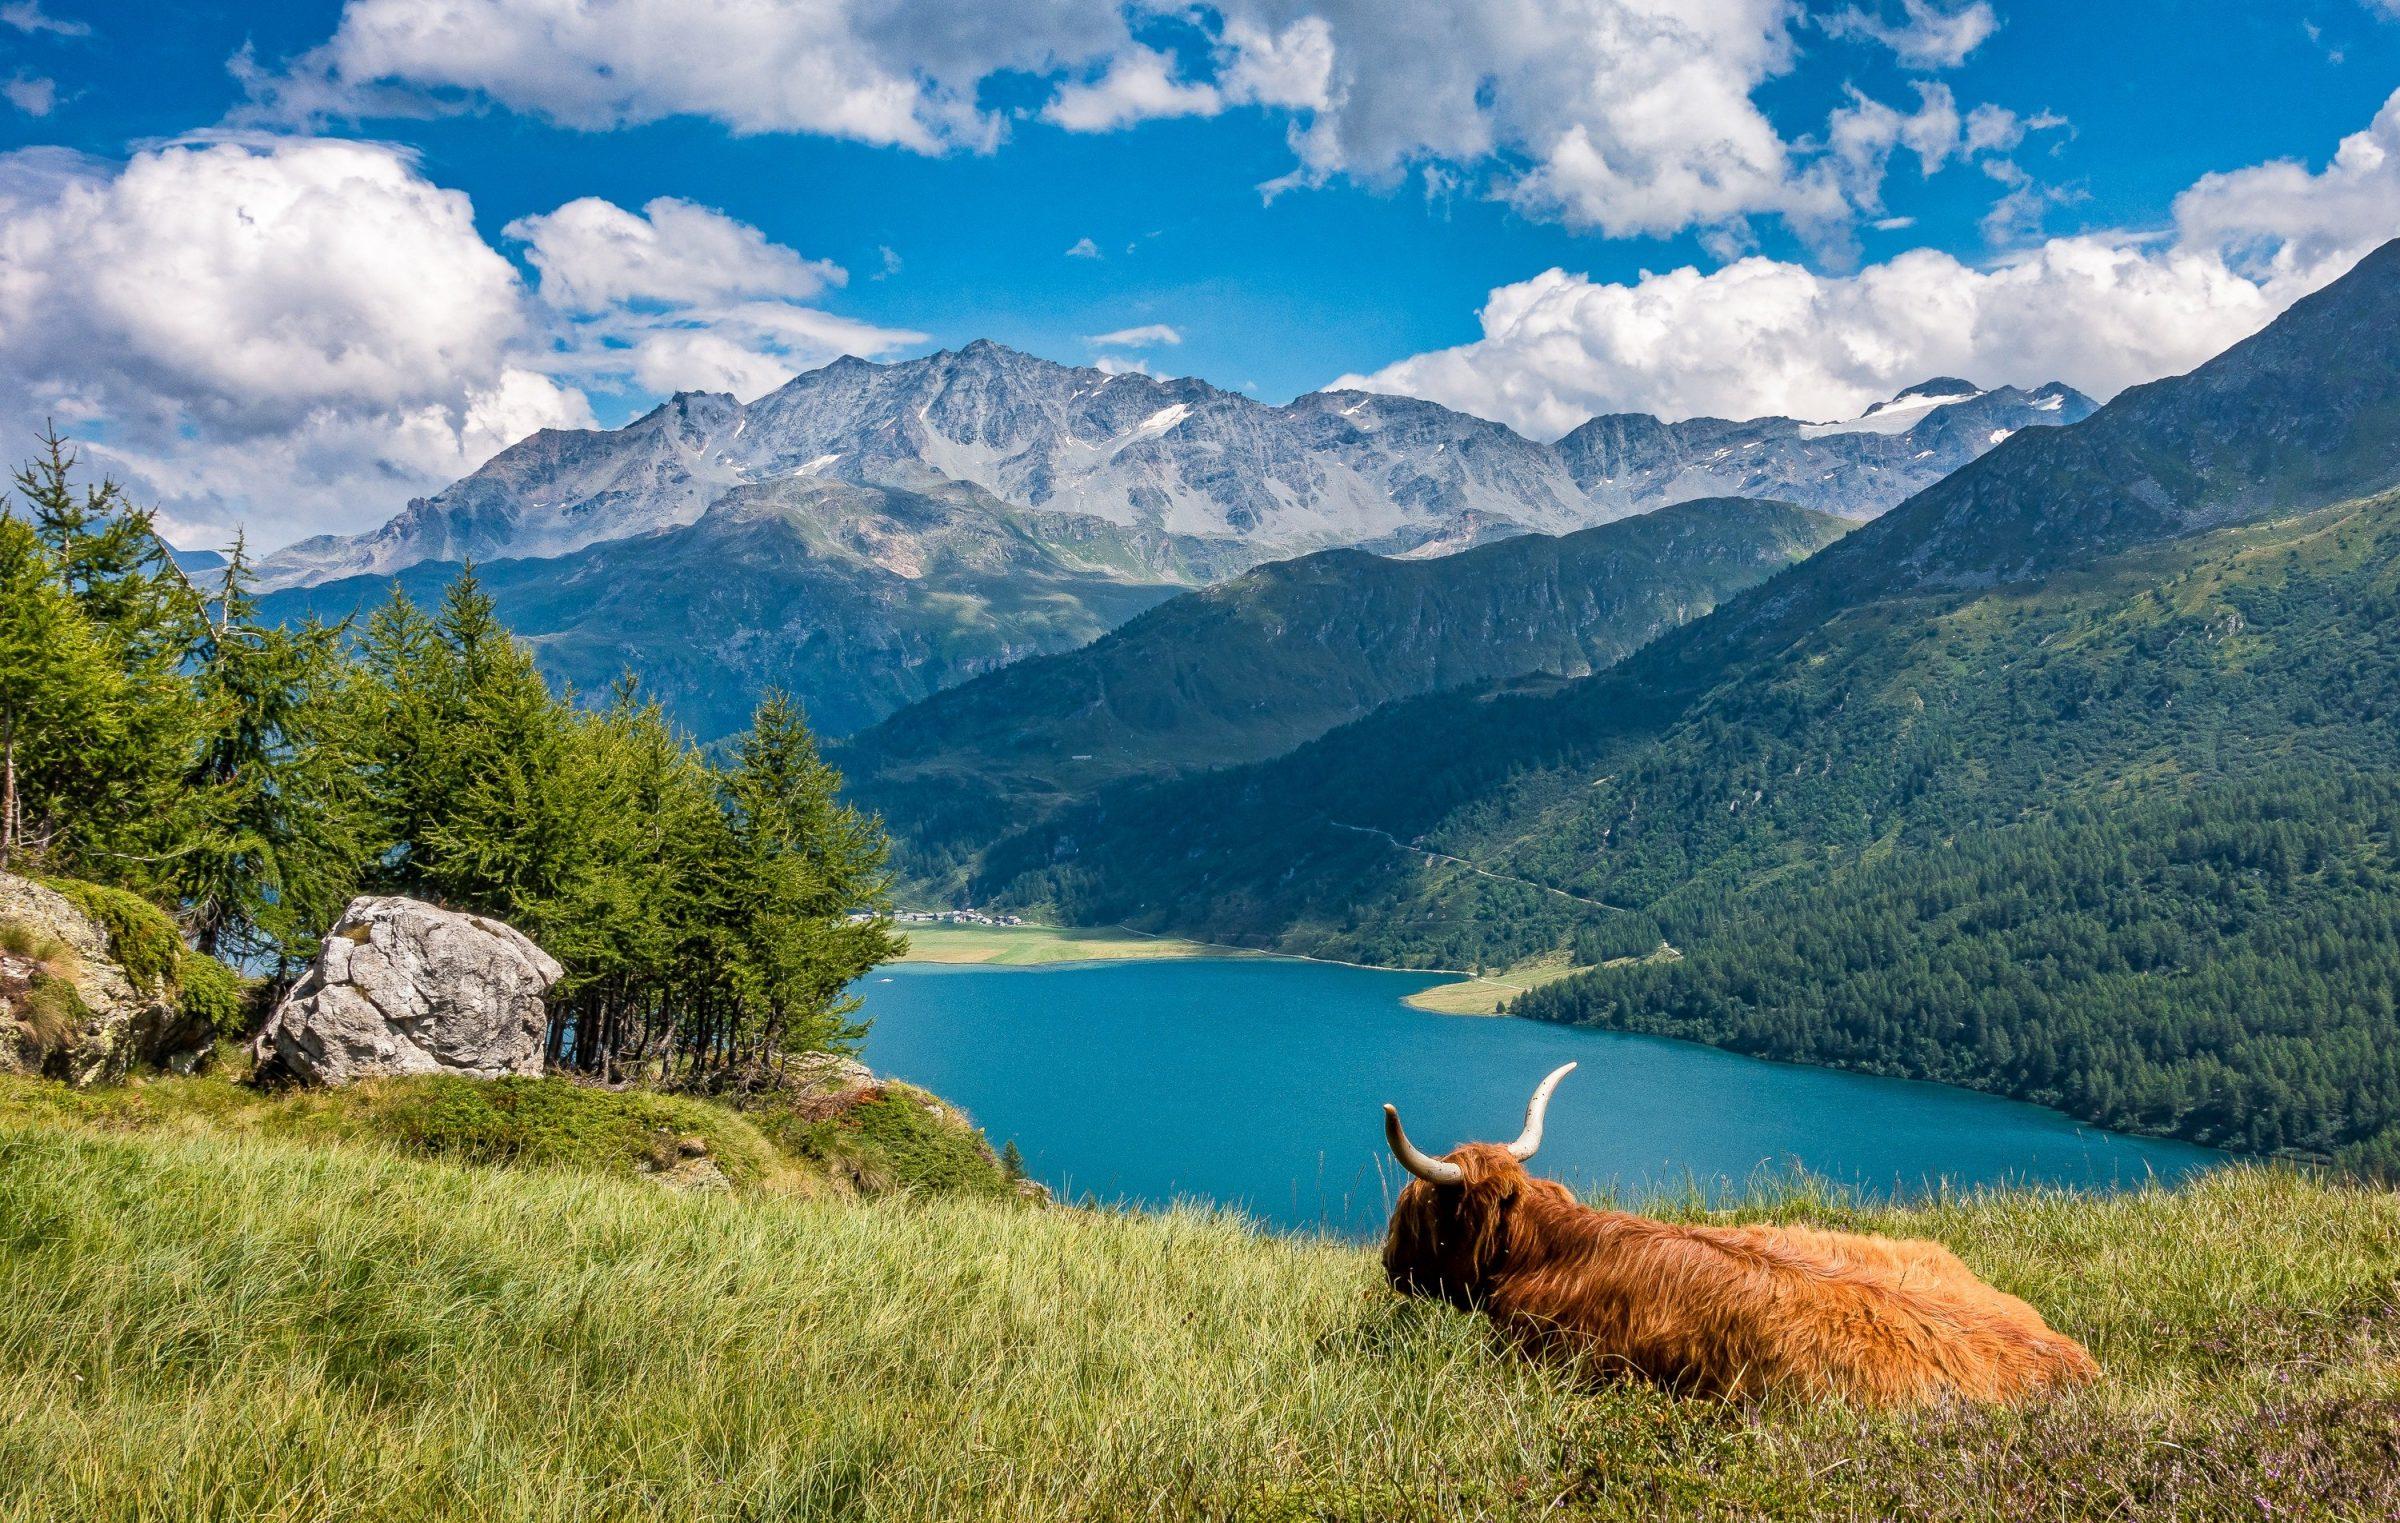 Zwitserland, nog steeds één van de veiligste landen in Europa